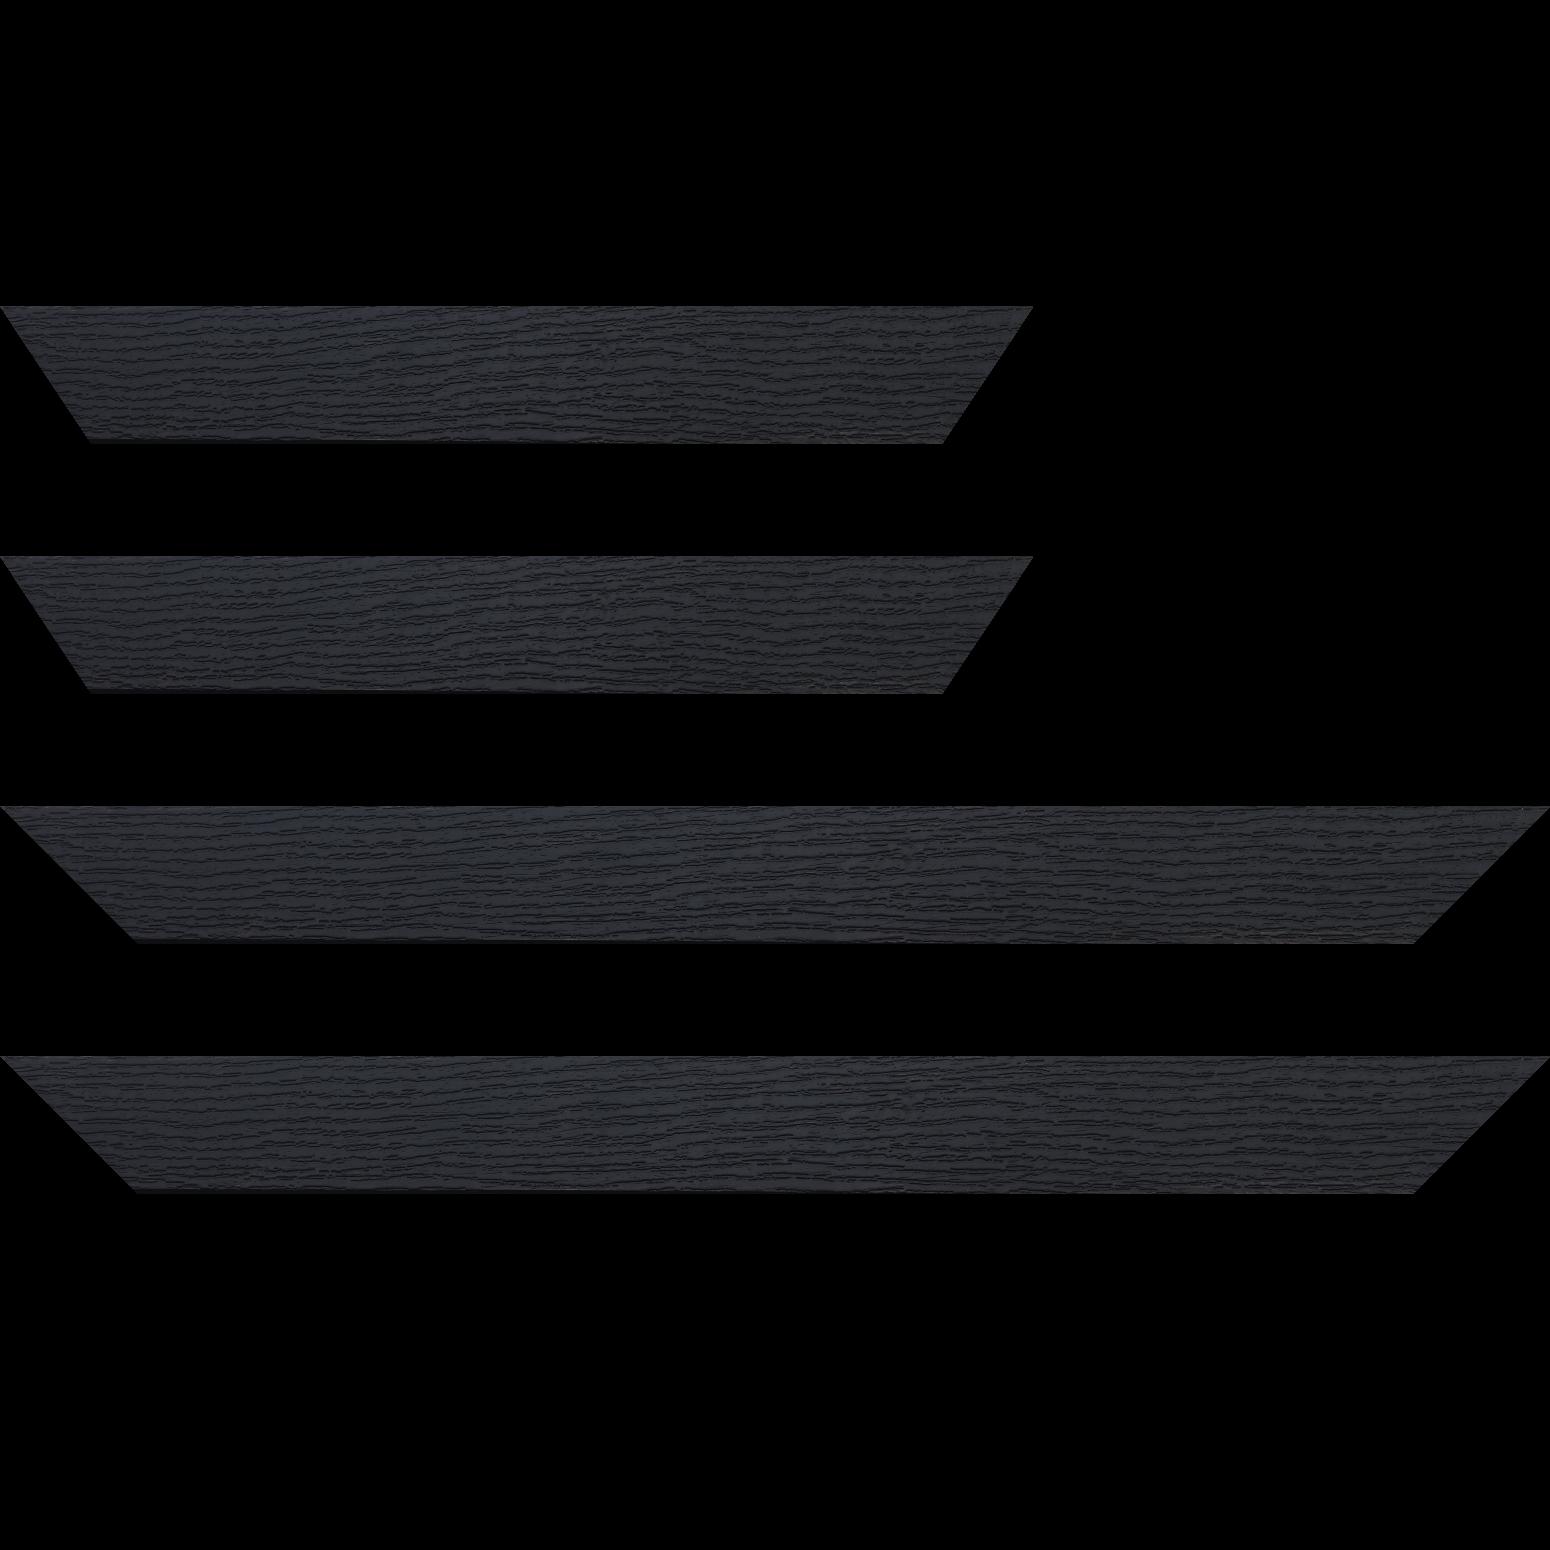 Baguette service précoupé Bois profil plat largeur 4.4cm couleur noir ébène  finition veiné